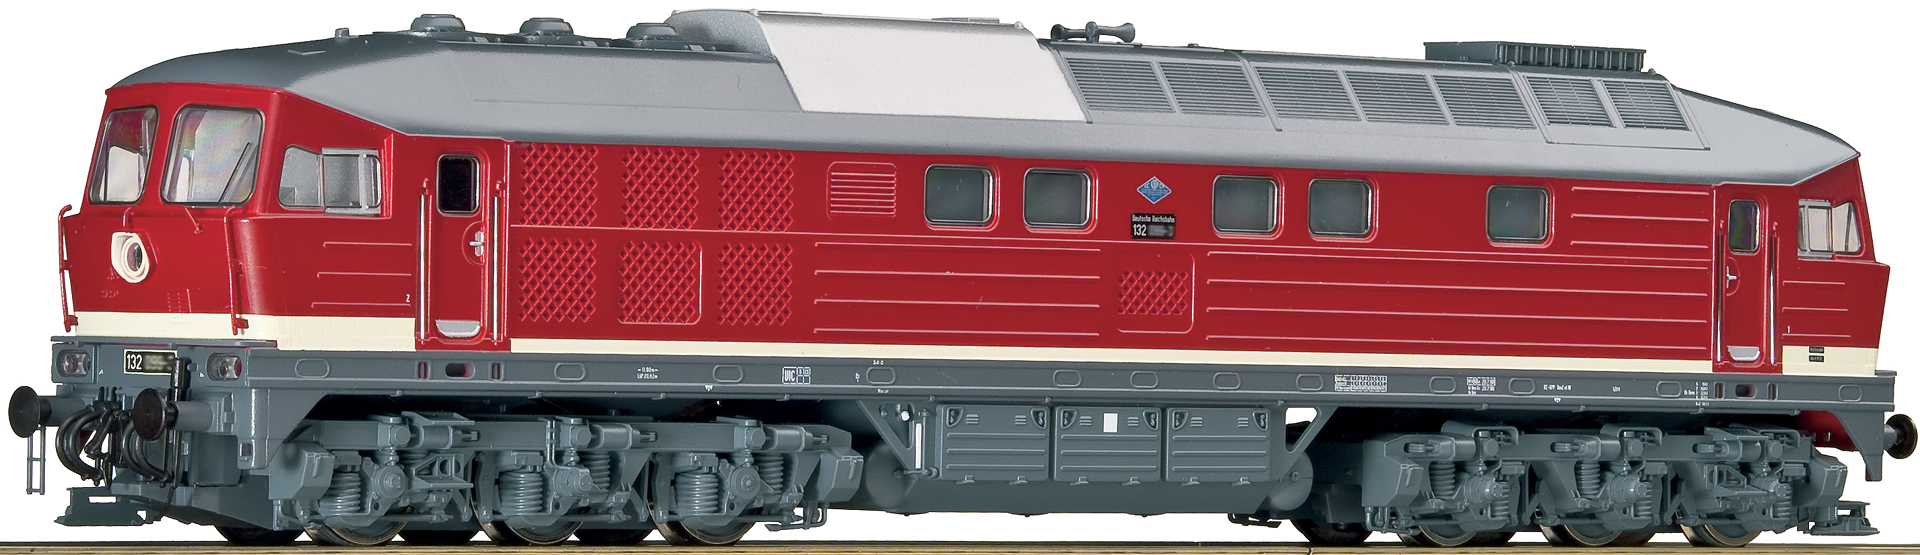 фотообоев- фото жд локомотива на белом фоне приглядеться фото